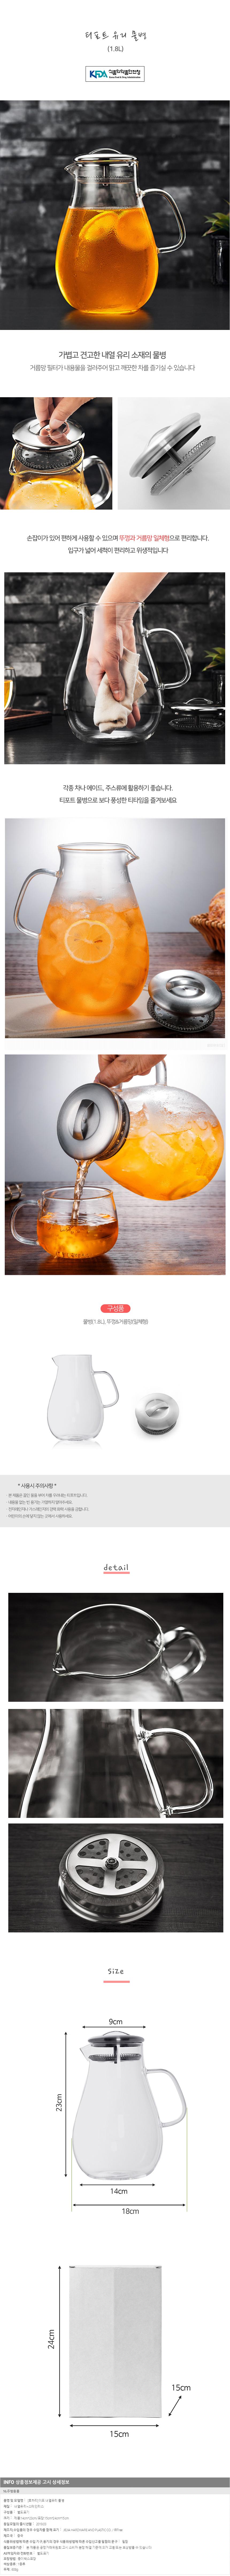 [로하티]이프 내열유리 물병(1.8L)/유리물병 저그 - 기프트갓, 19,300원, 보틀/텀블러, 키친 물병